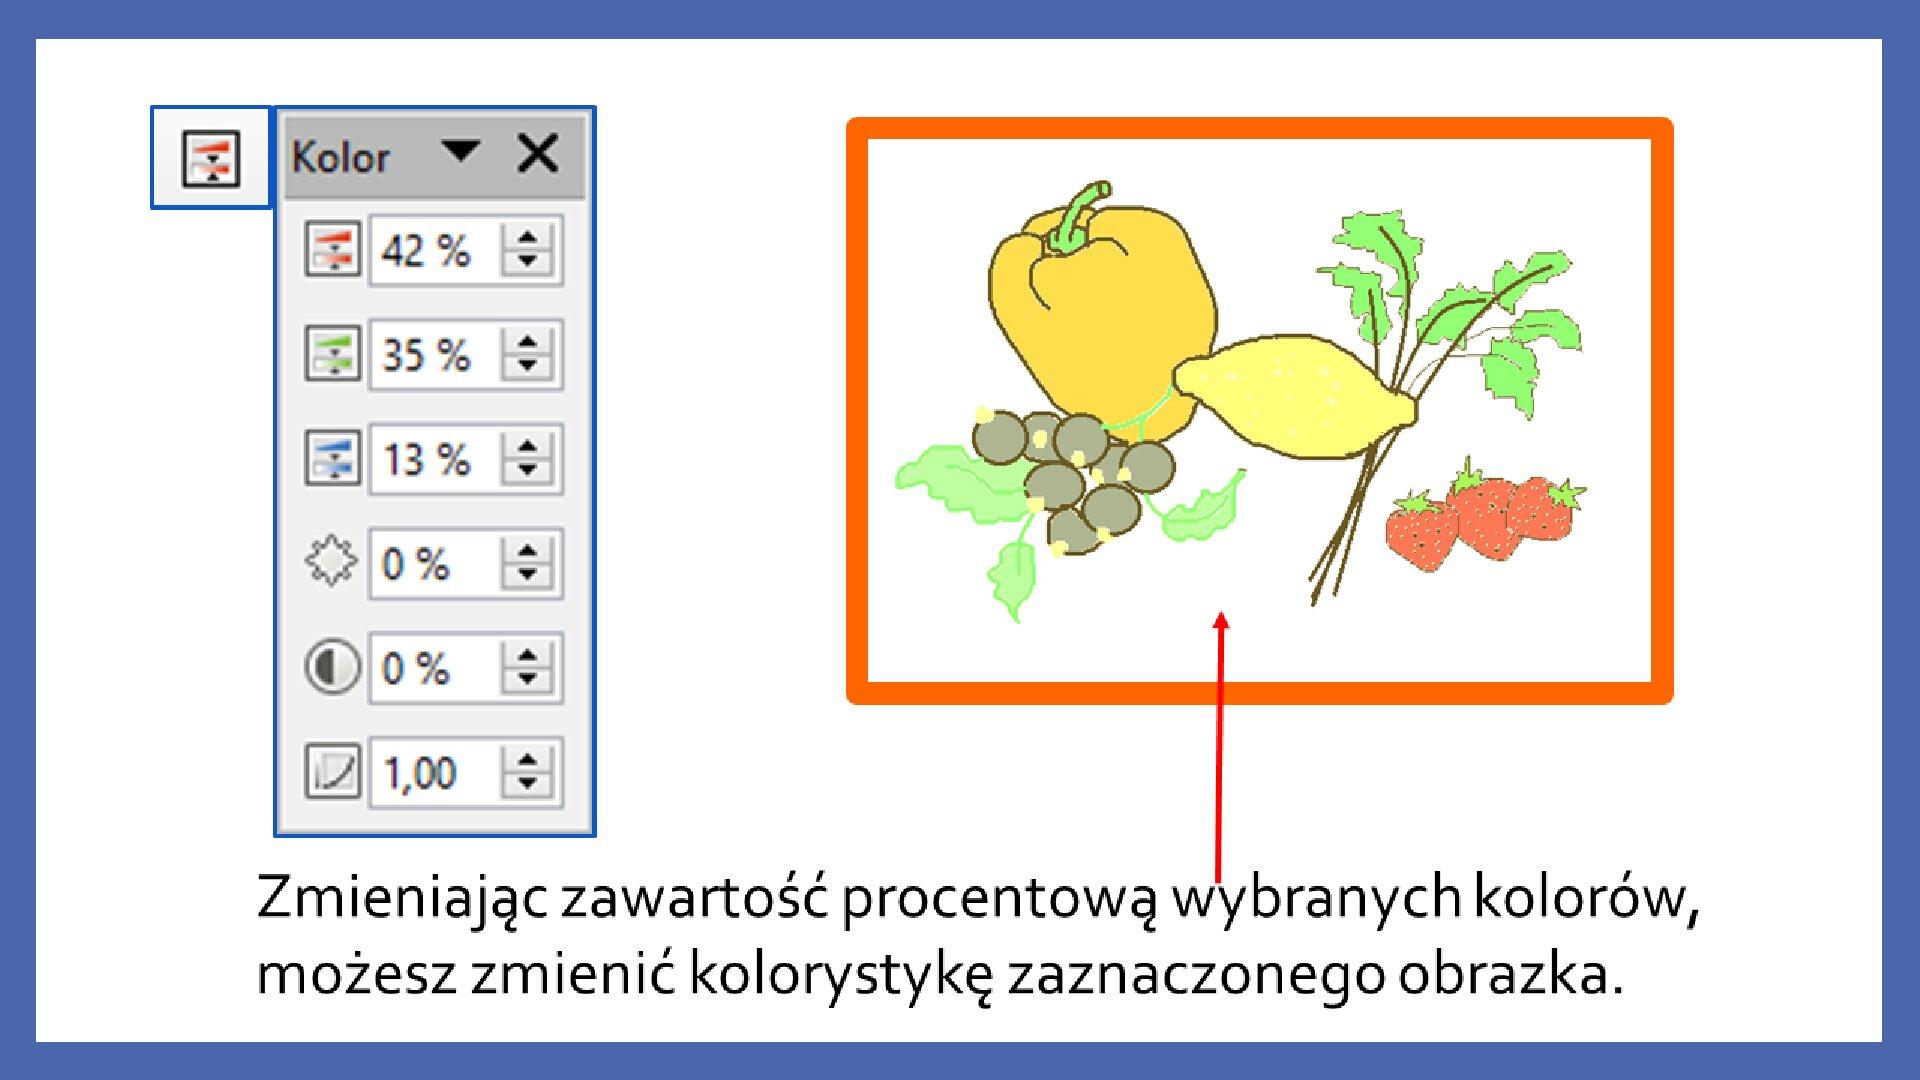 Slajd 6 galerii zrzutów slajdów: Modyfikacja obiektów wprogramie LibreOffice Impress